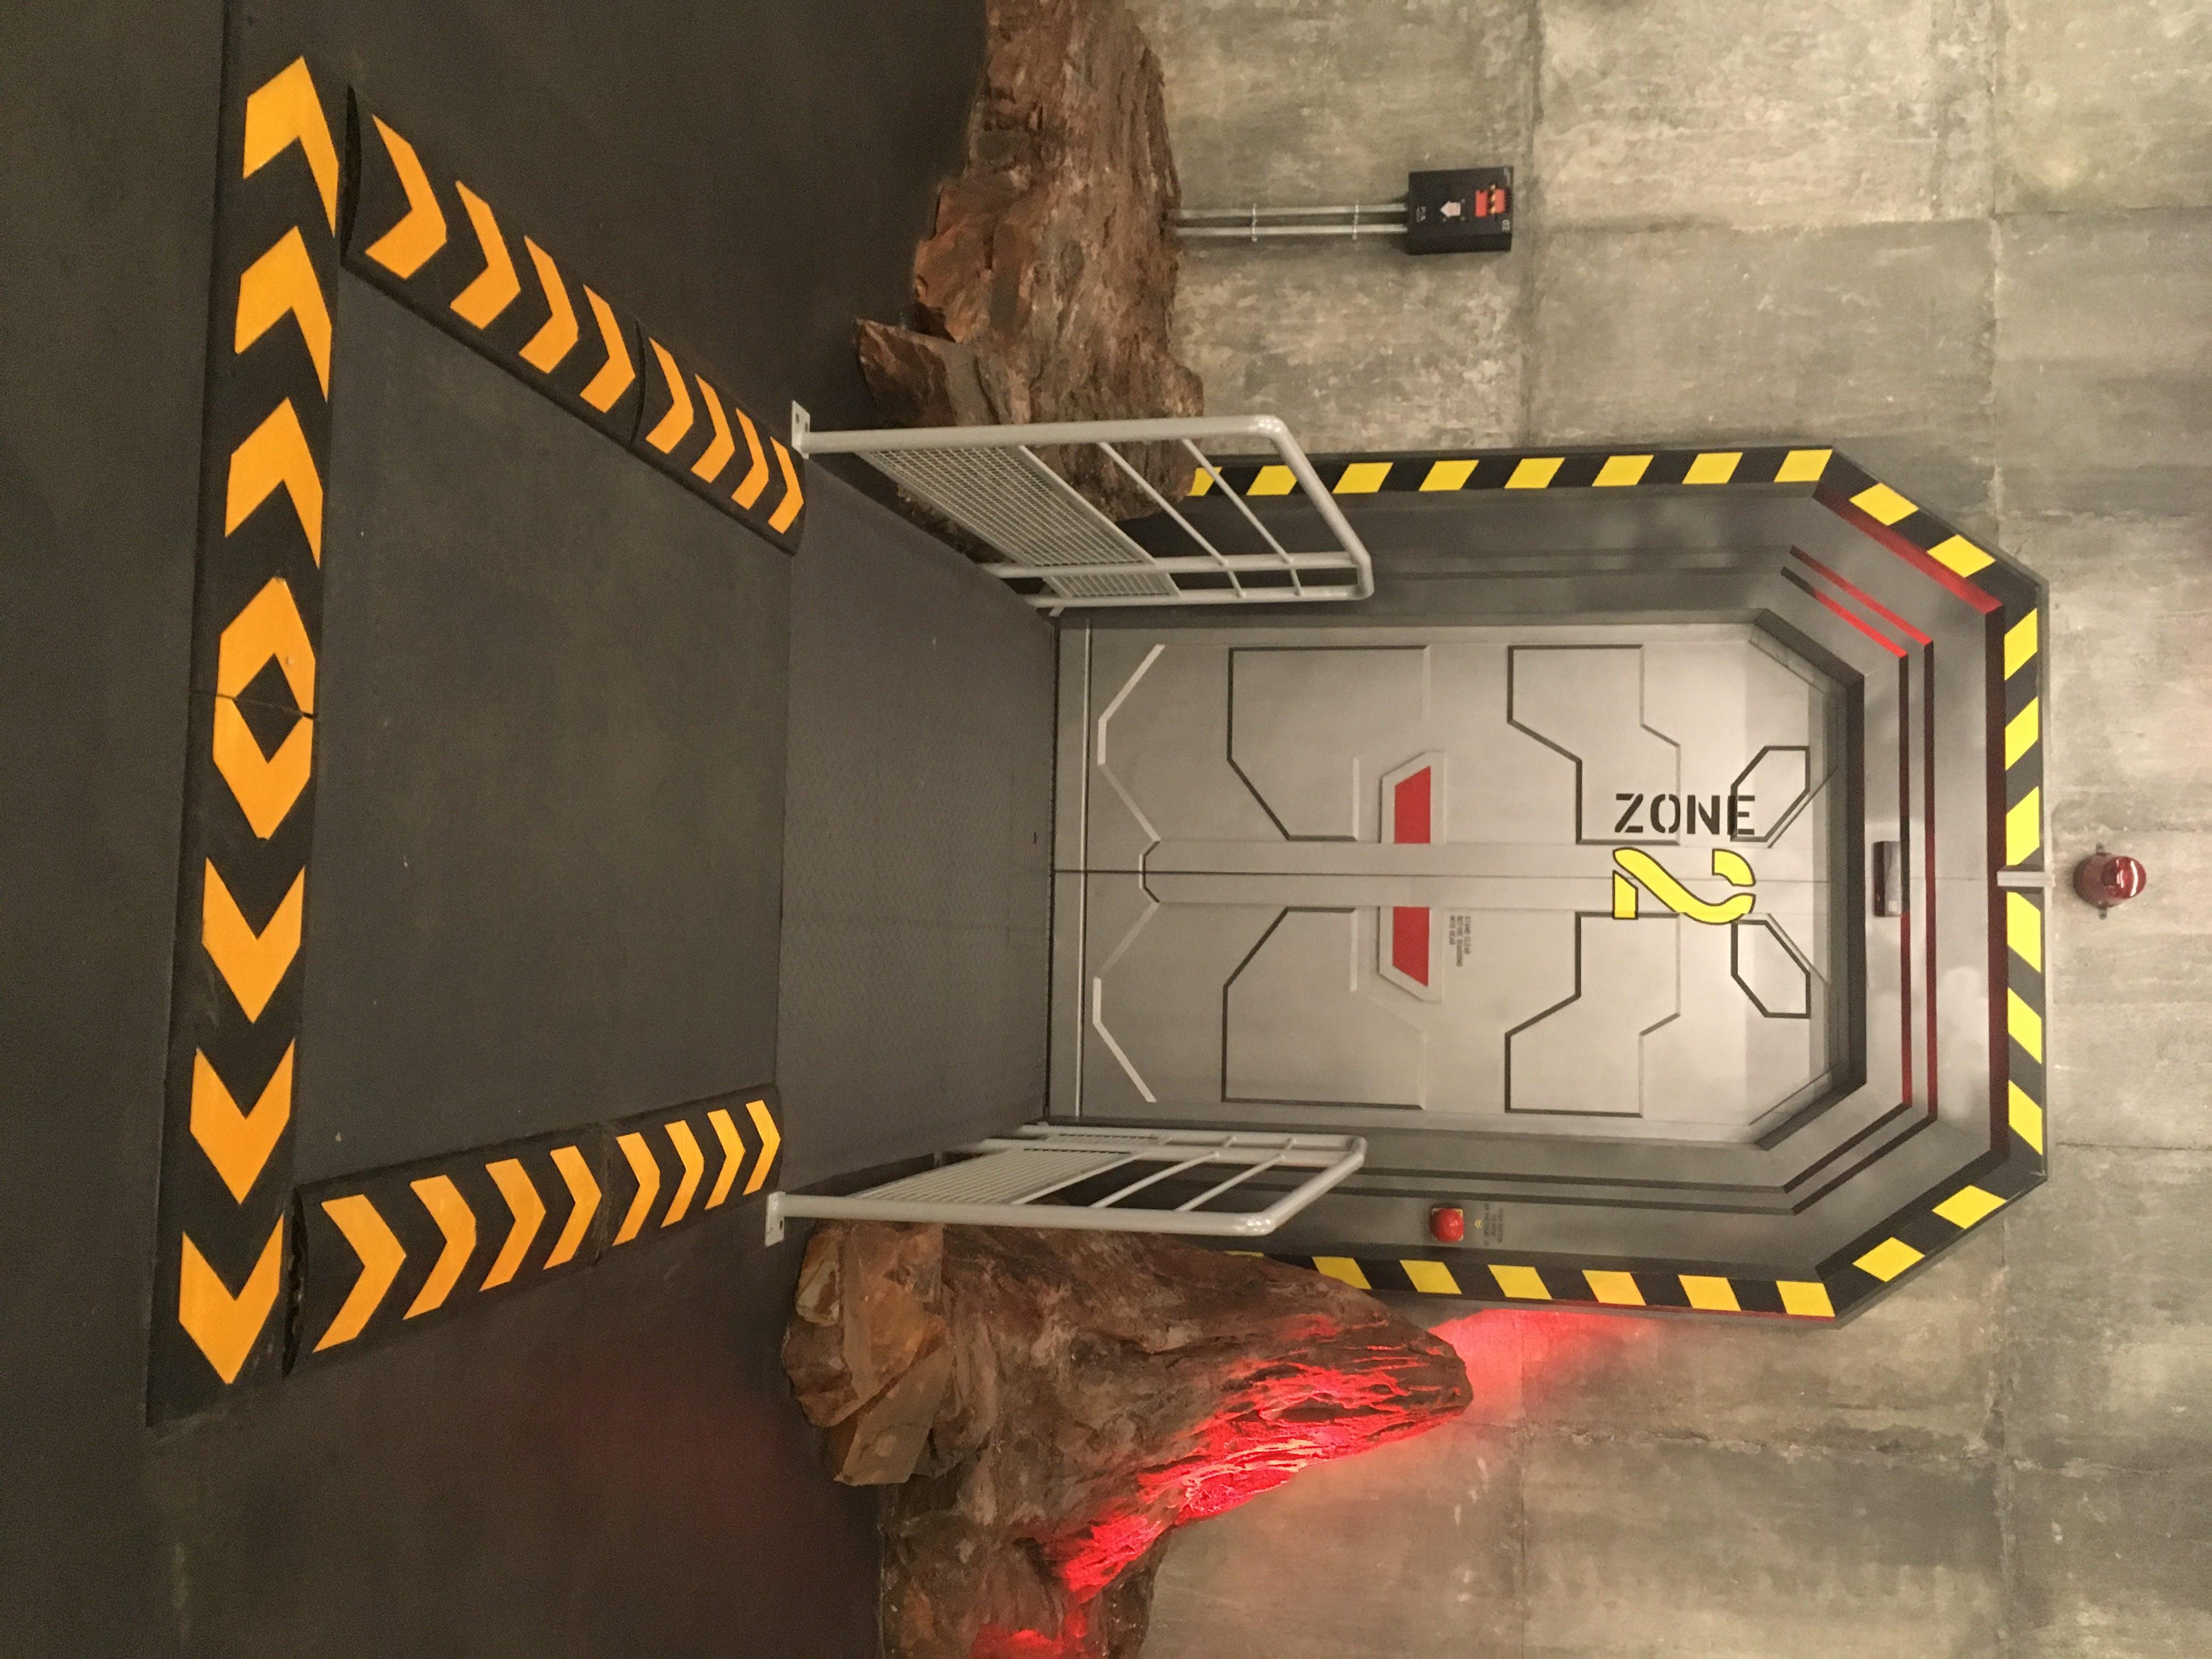 Bienvenue à Virtual Adventure ! Une fois cette porte passée, vous enfilerez votre équipement de VR.